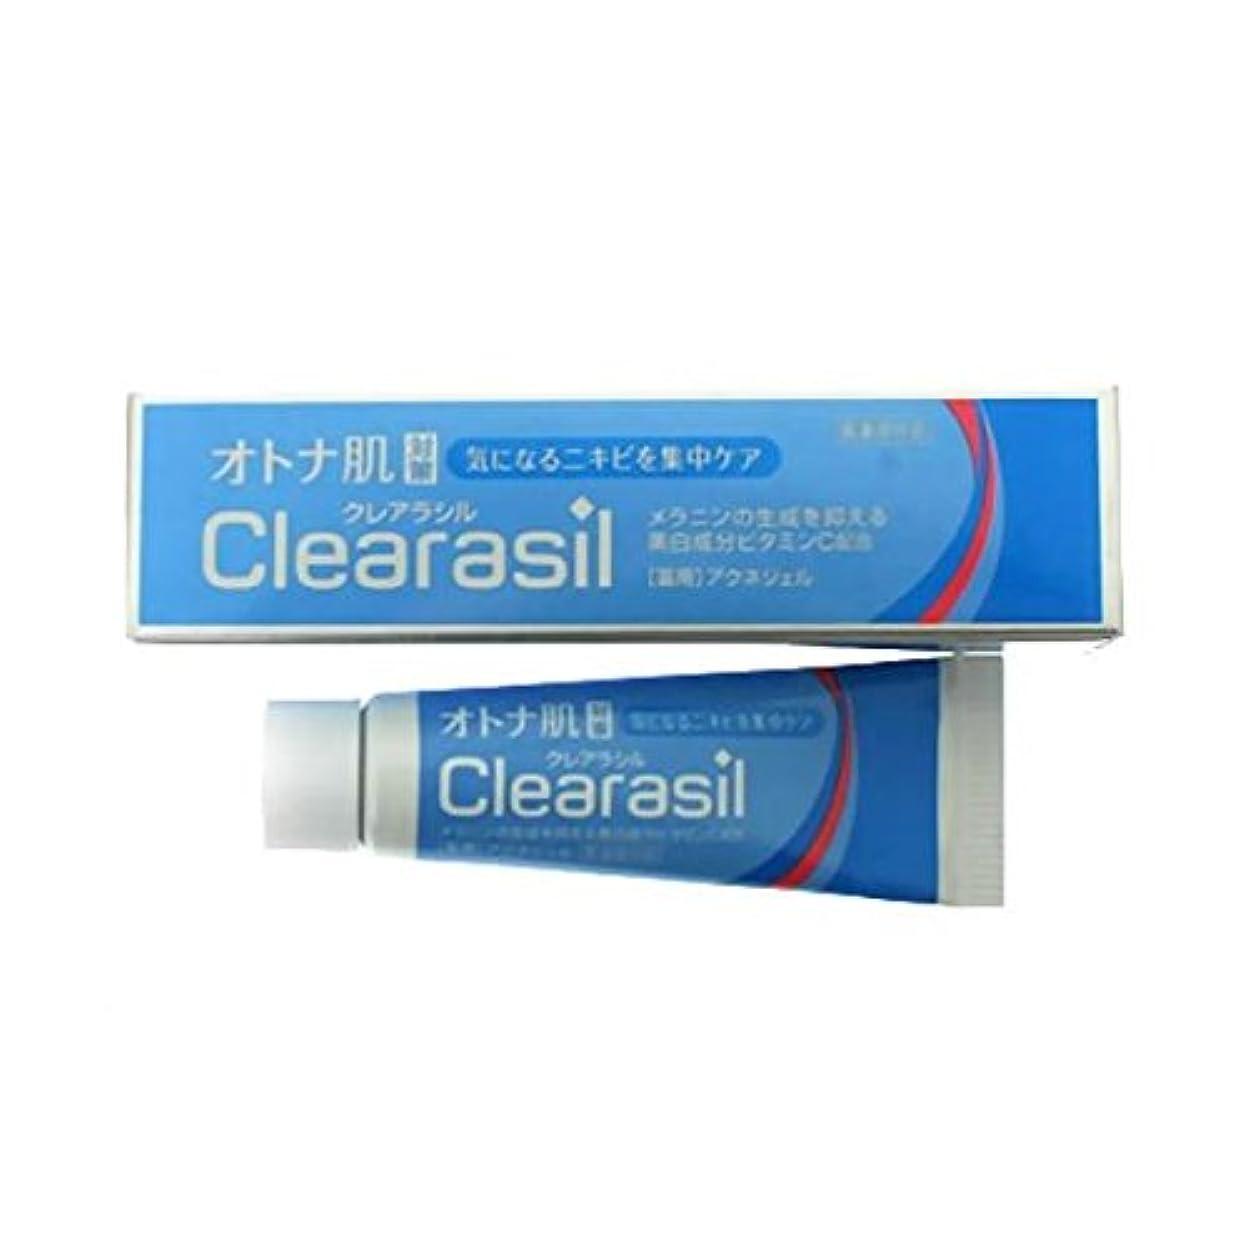 パールペルメルブーストオトナ肌対策クレアラシル 薬用アクネジェル(14g) ×2セット